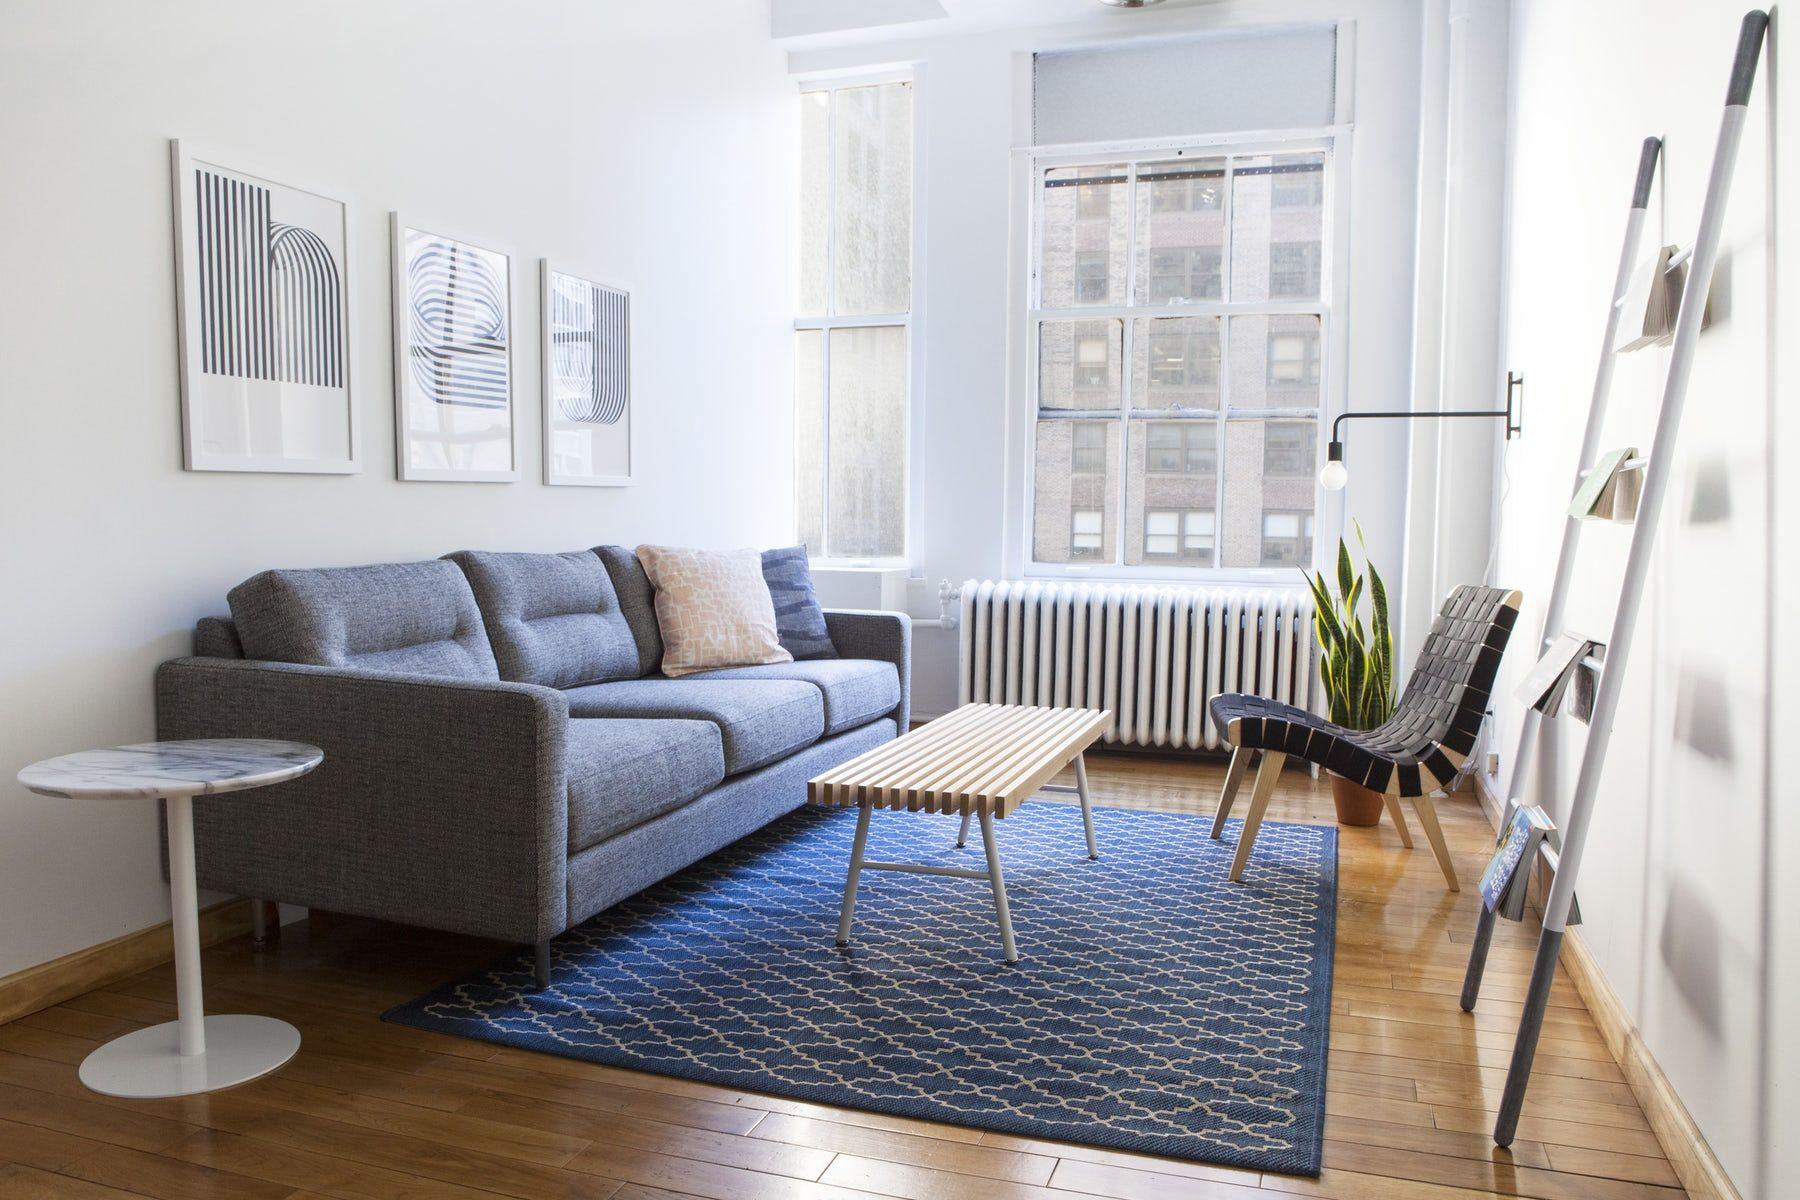 Logan Sofa Gus Modern Gus Modern Home Decor Accent Table